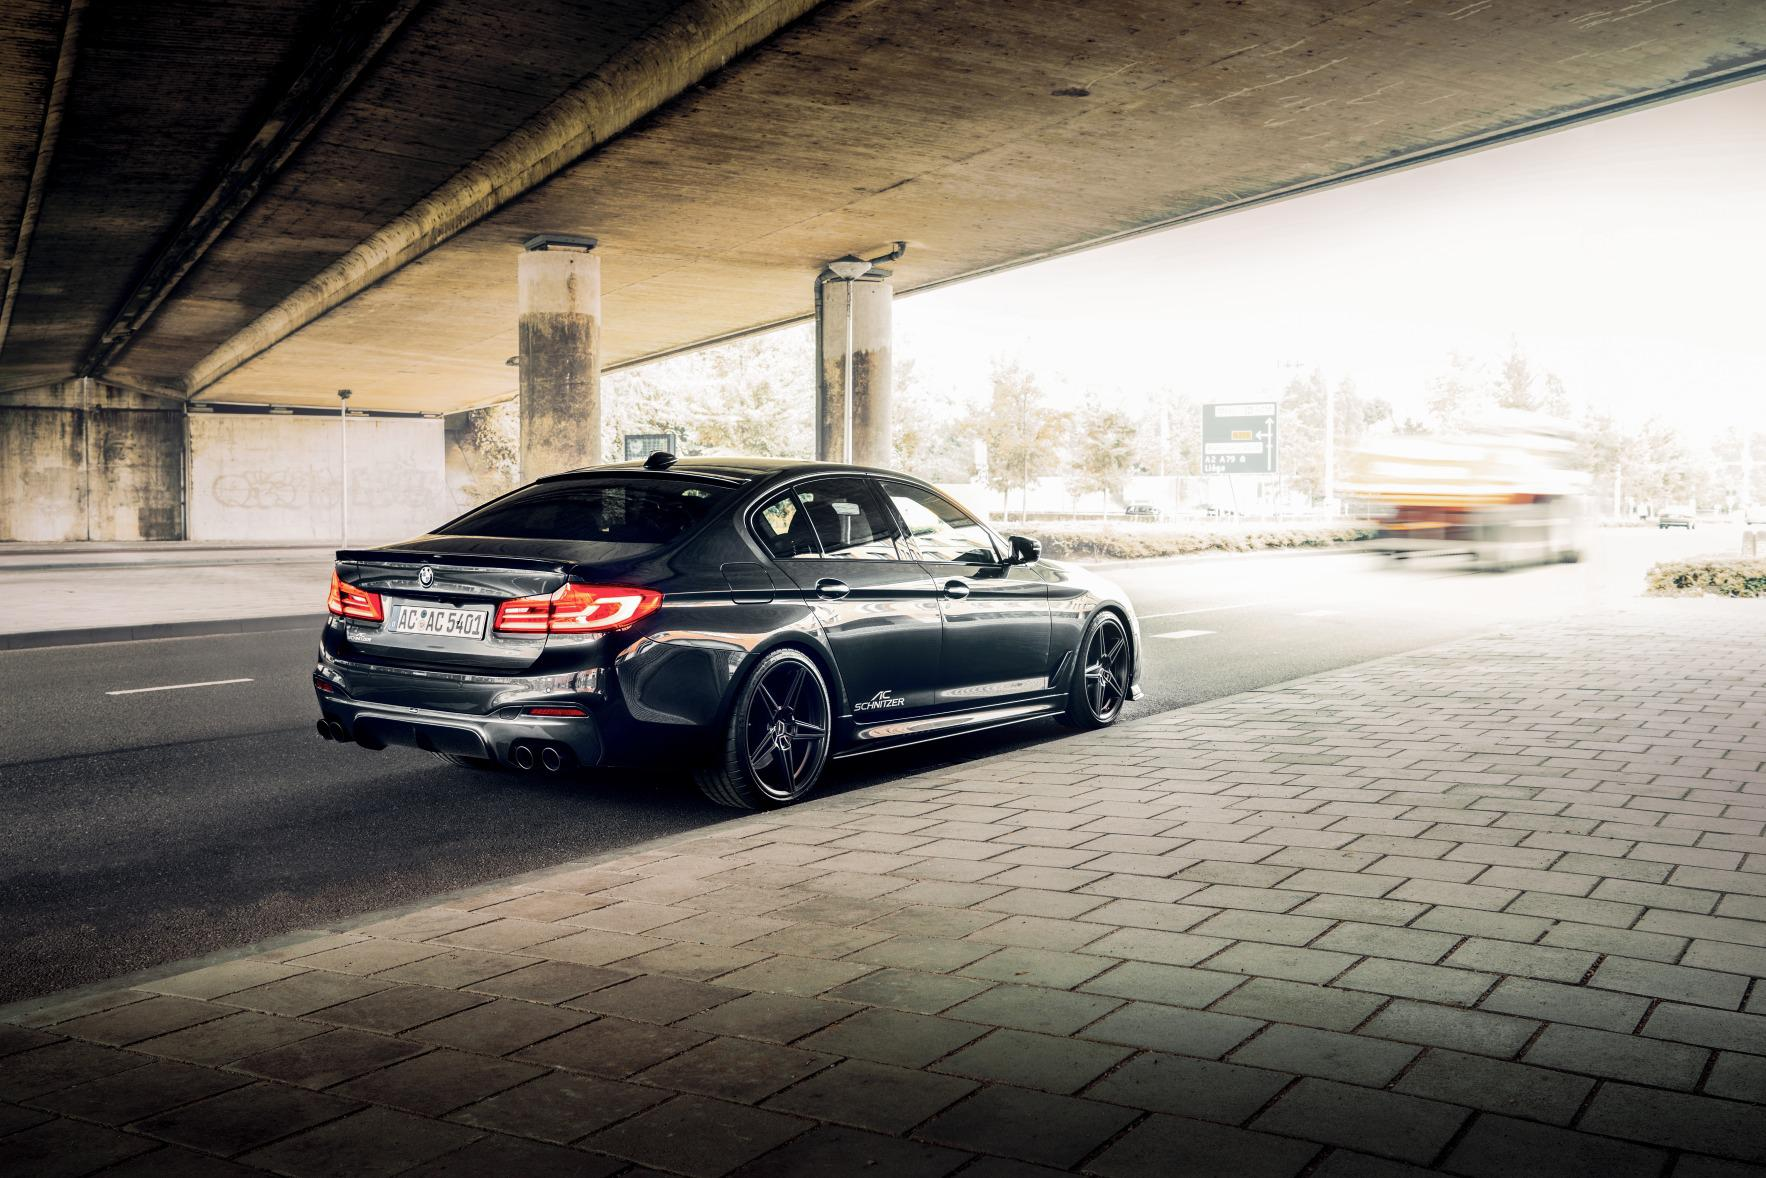 http://www.advent.jp/blog/BMW_5er_Limousine_by_AC_Schnitzer_hinten_stehend_bruecke_72.jpg